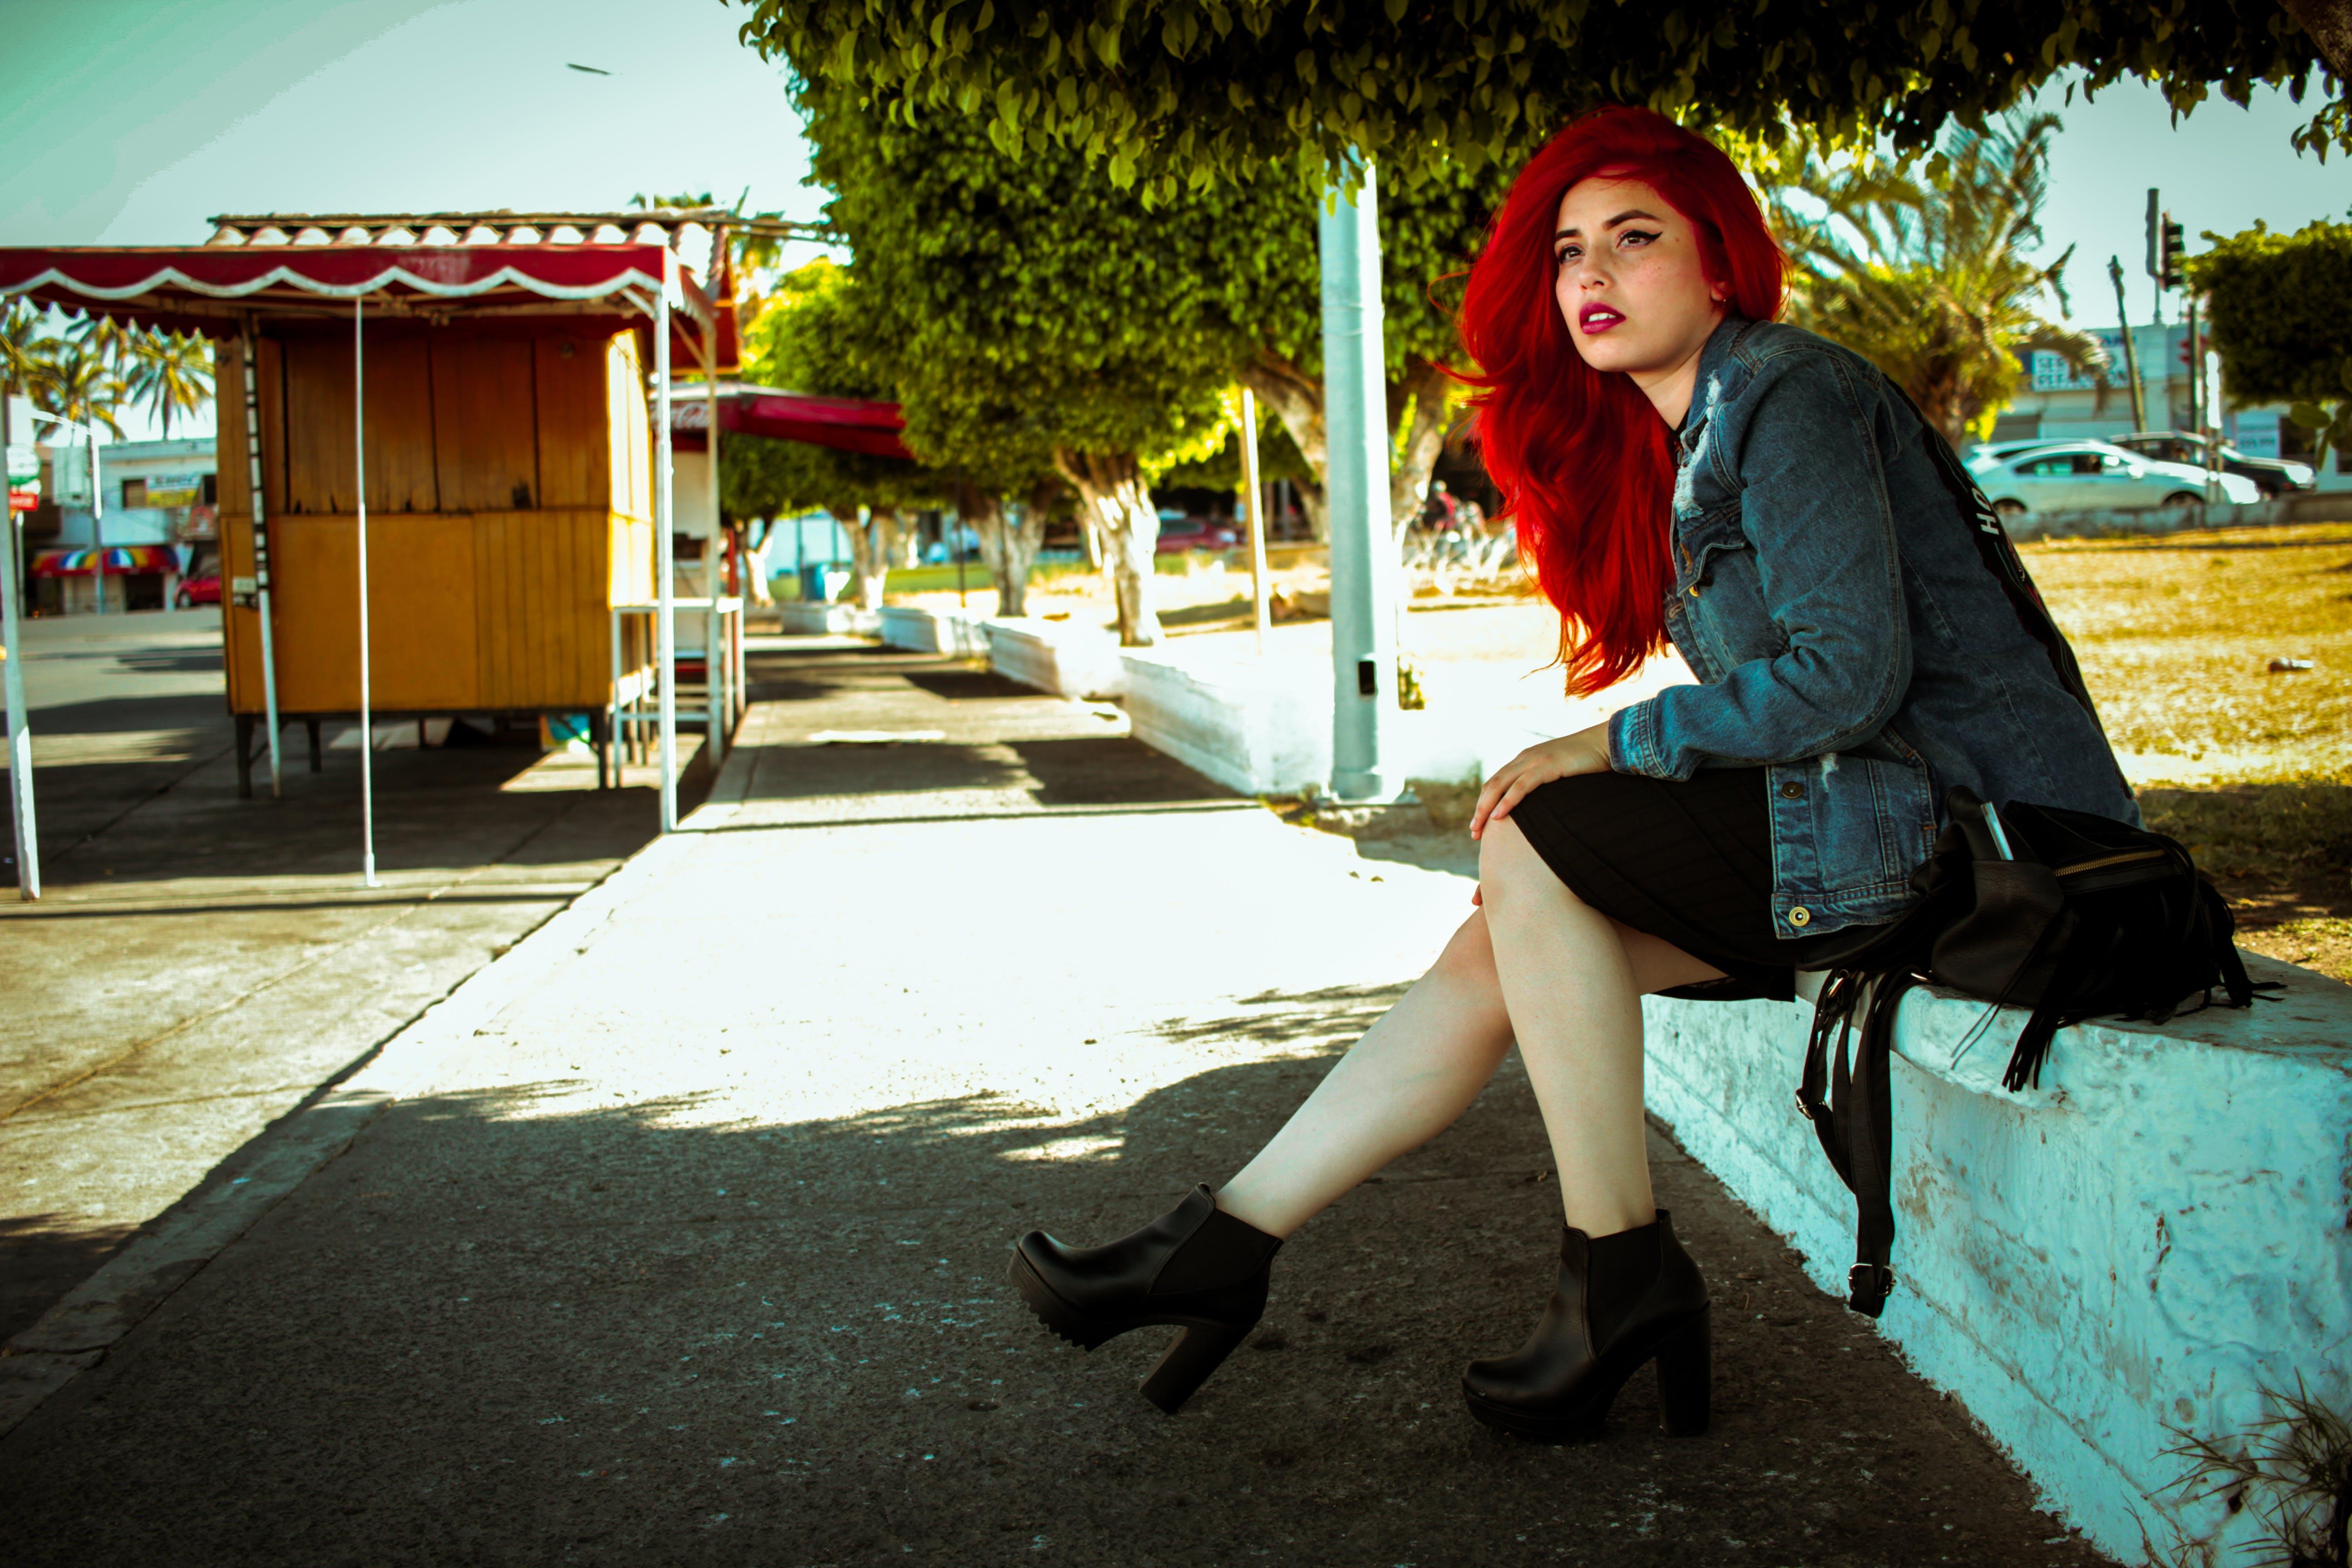 Безкоштовне стокове фото на тему «Дівчина, мода, портрет, рудоволосий»